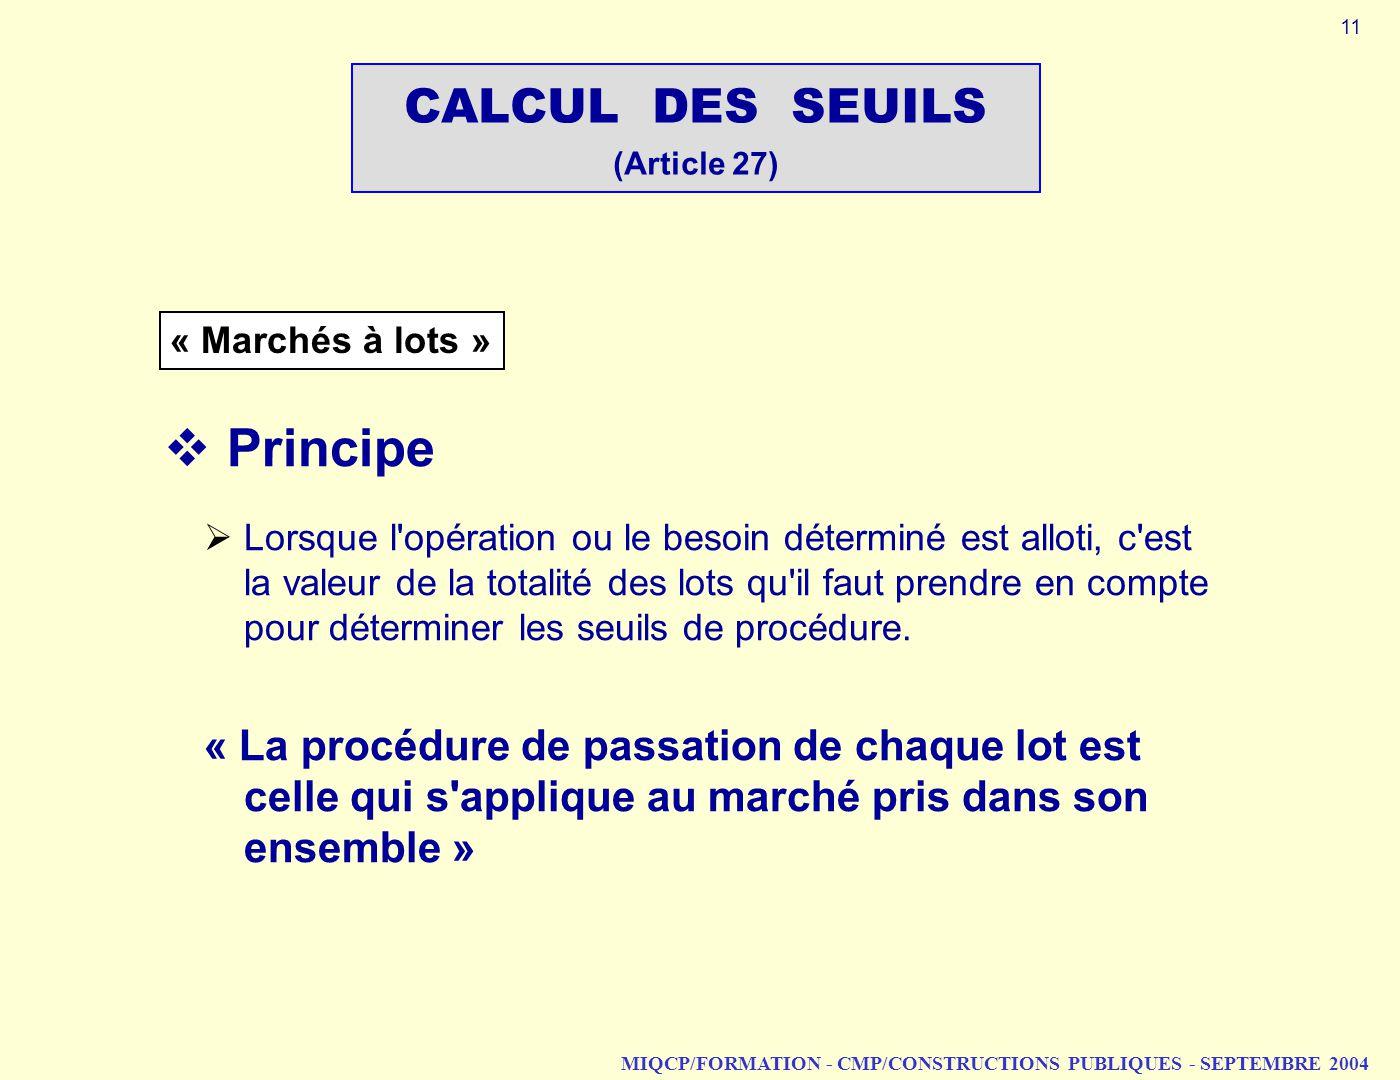 MIQCP/FORMATION - CMP/CONSTRUCTIONS PUBLIQUES - SEPTEMBRE 2004 Principe Lorsque l'opération ou le besoin déterminé est alloti, c'est la valeur de la t